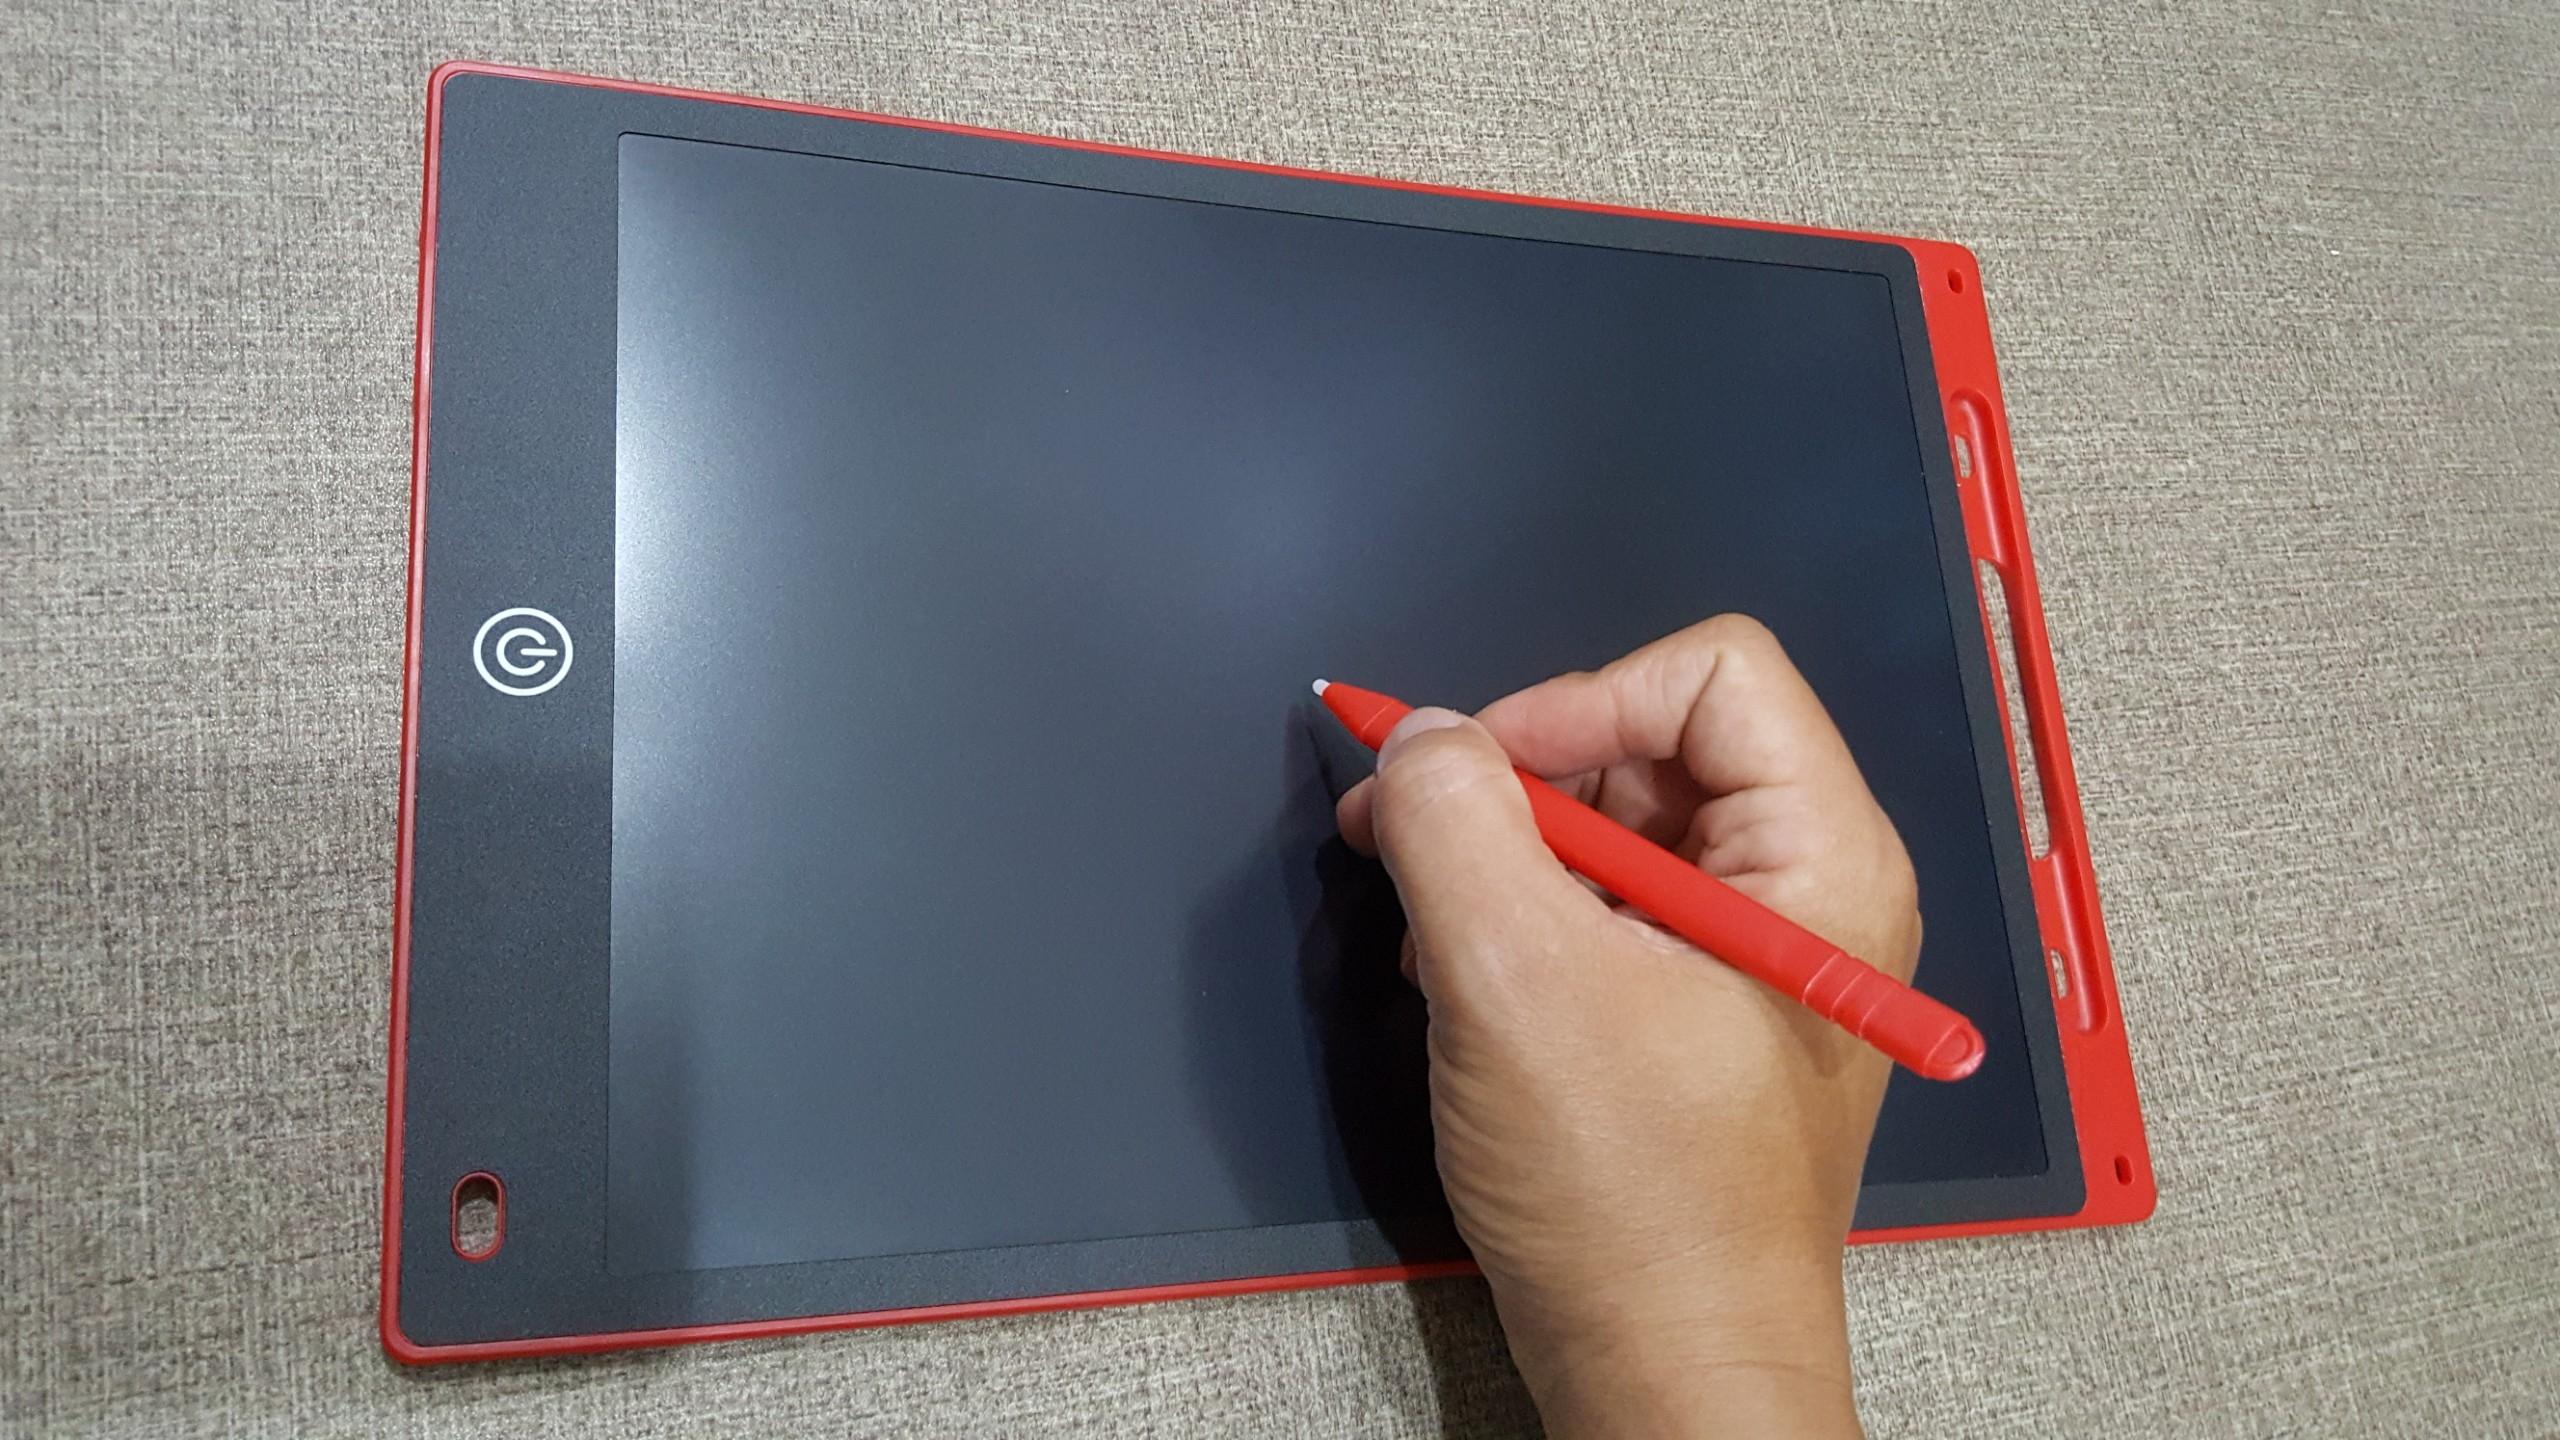 Bảng Vẽ Điện Tử Thông Minh Tự Xoá - Size 12 inch - Màu Đỏ